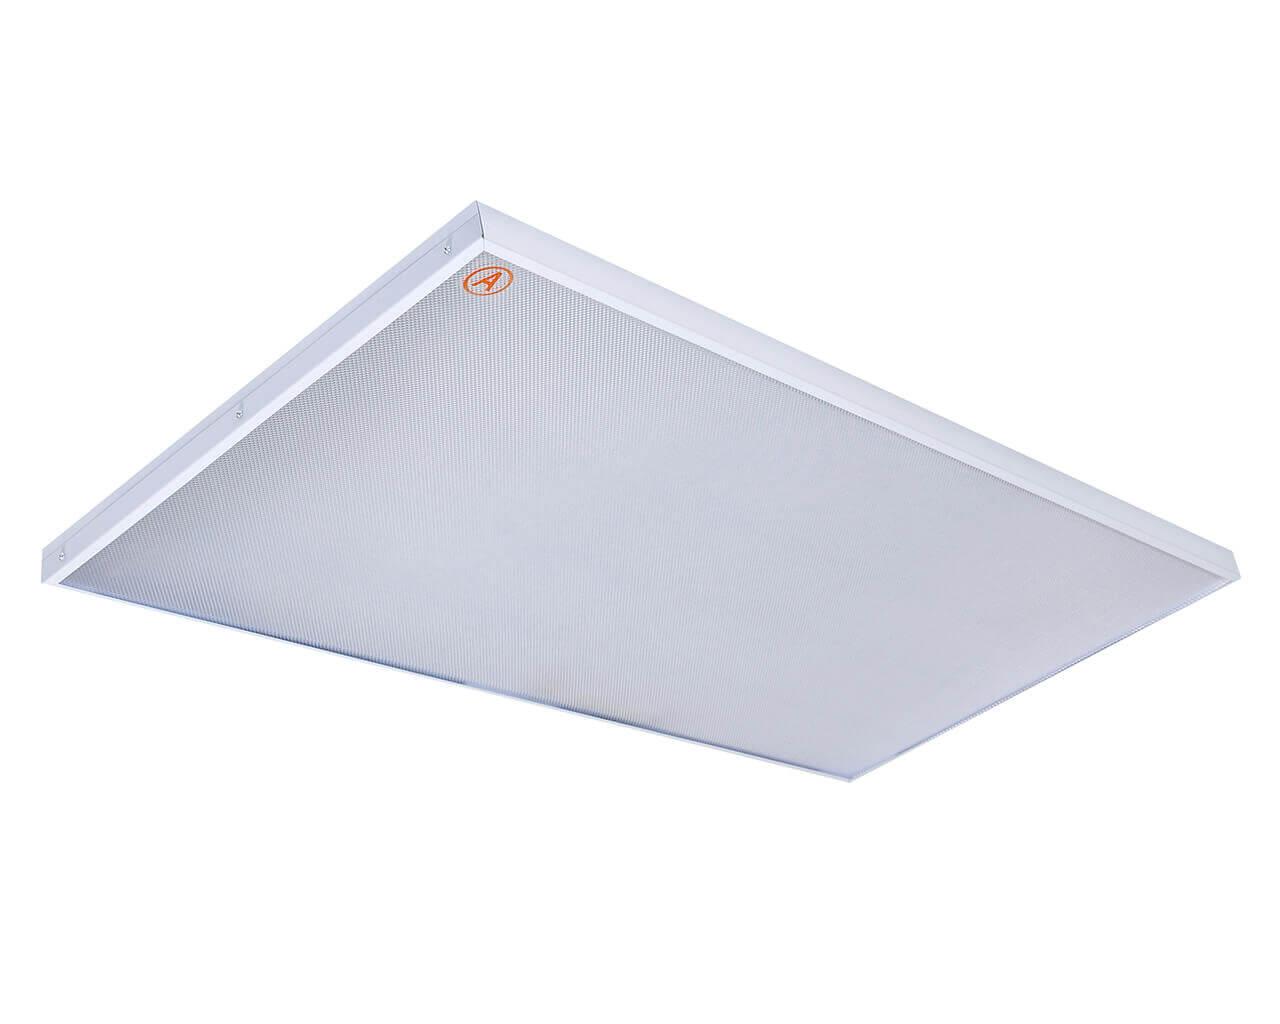 Универсальный светильник LC-US-120 ватт 1195x595 Теплый белый Призма с Бап